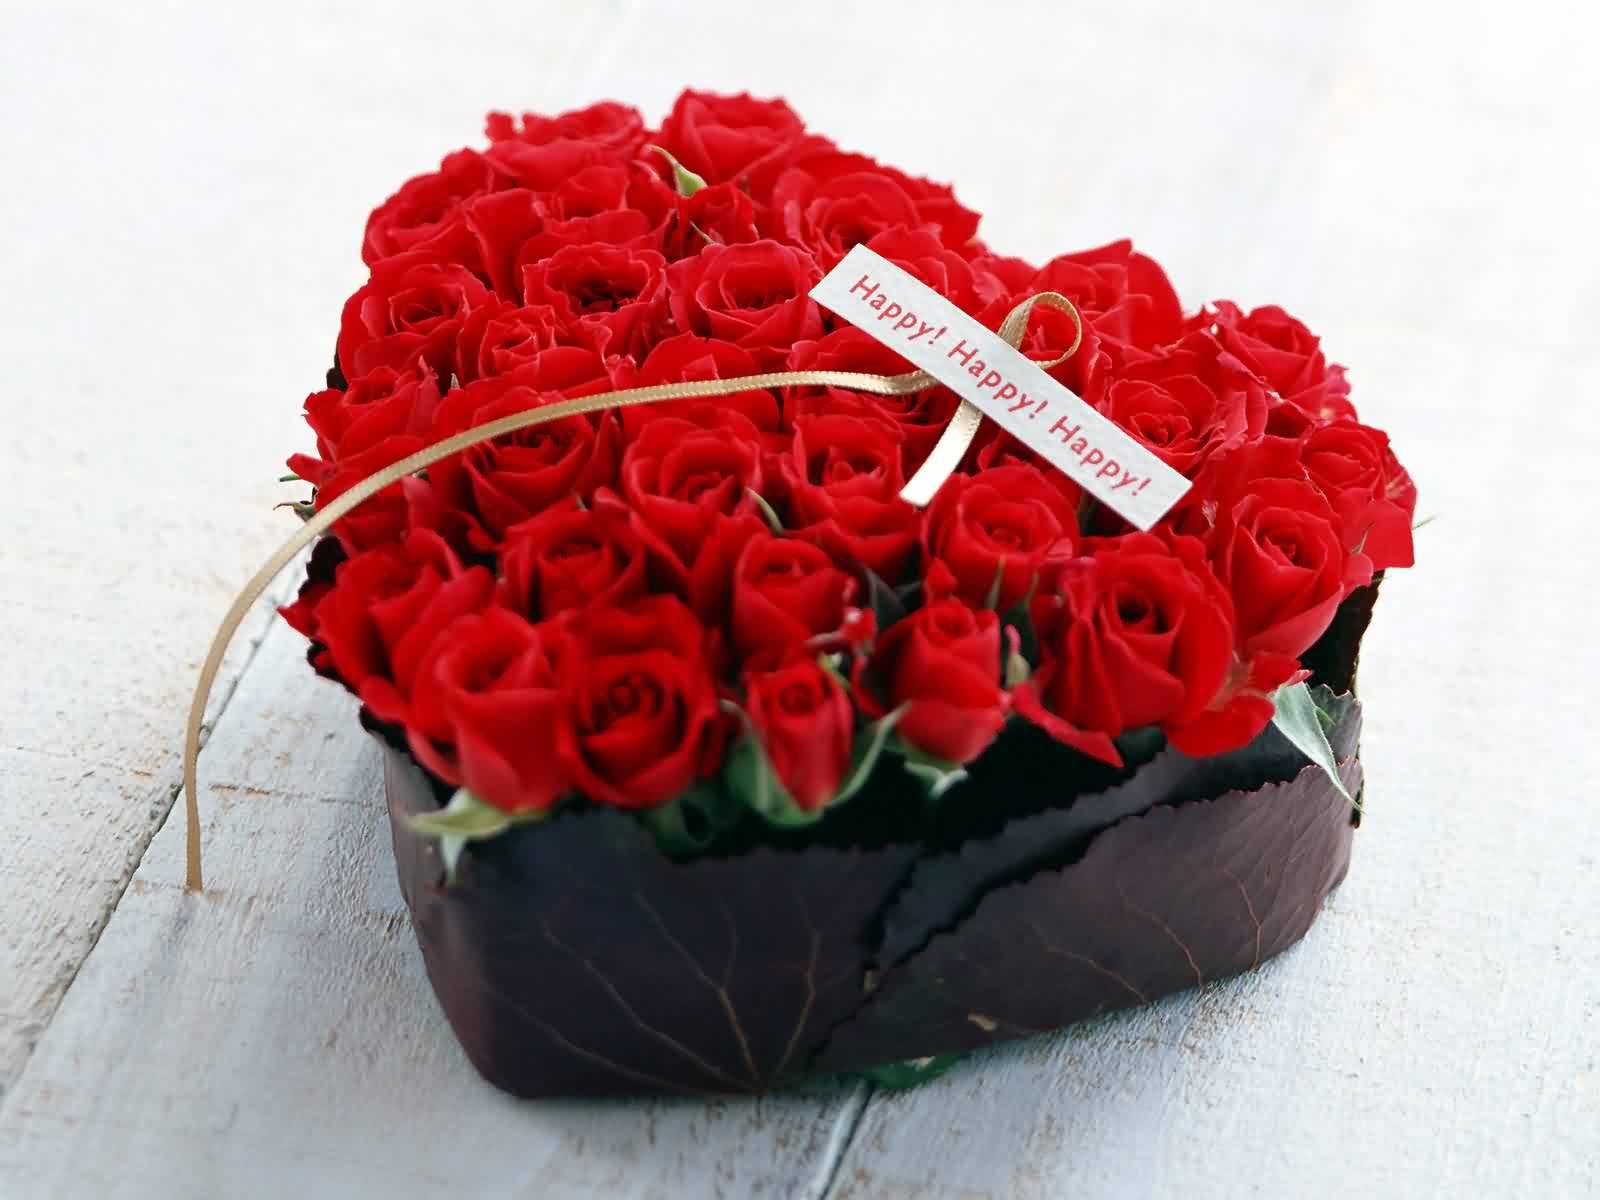 Imagenes De Ramos De Rosas Para San Valentin - ramo de rosas AMOR ETERNO